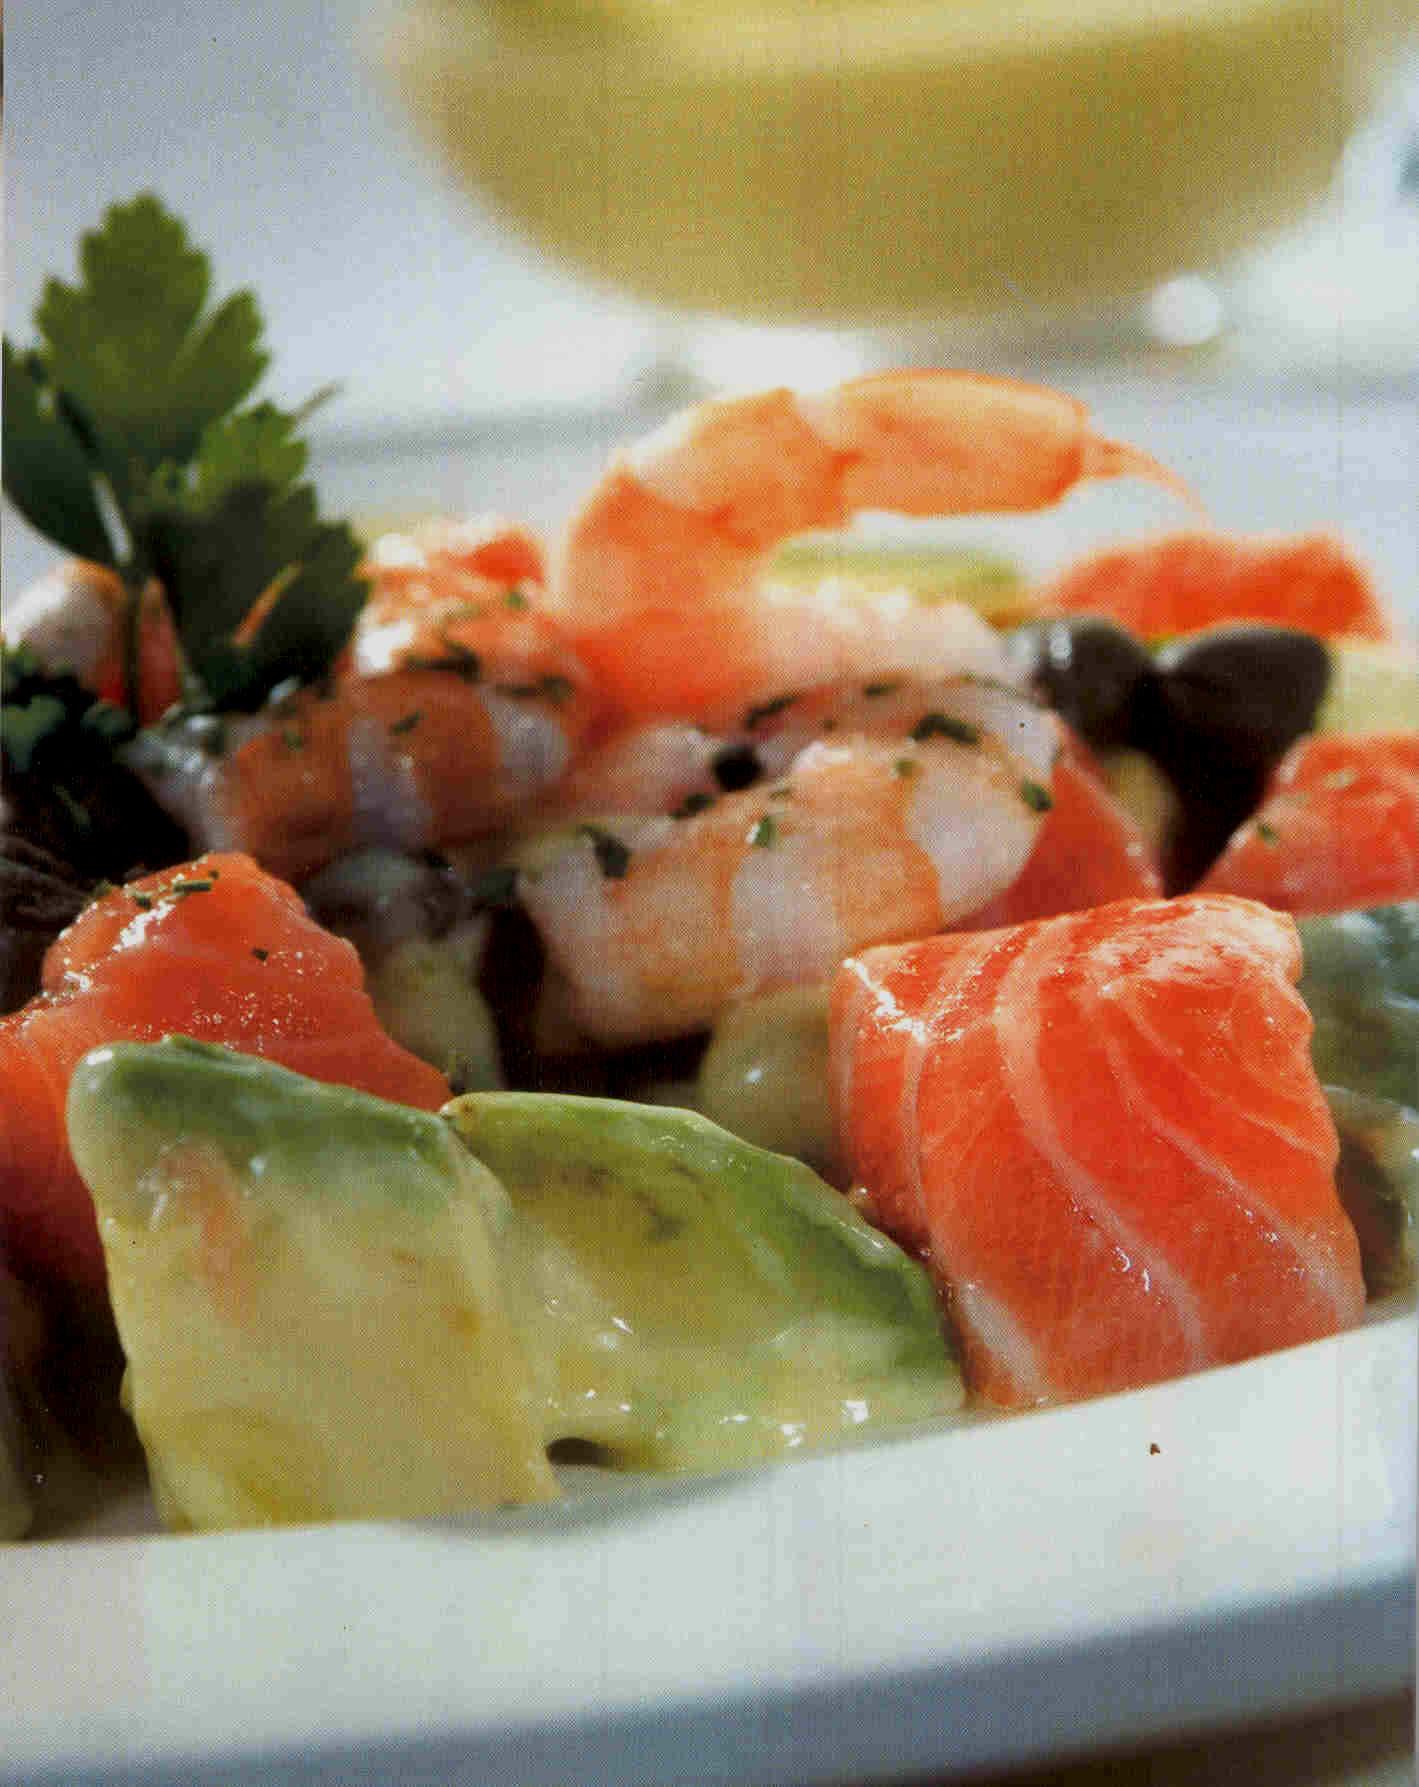 El blog de comida y postres junio 2011 - Ensalada con salmon y aguacate ...